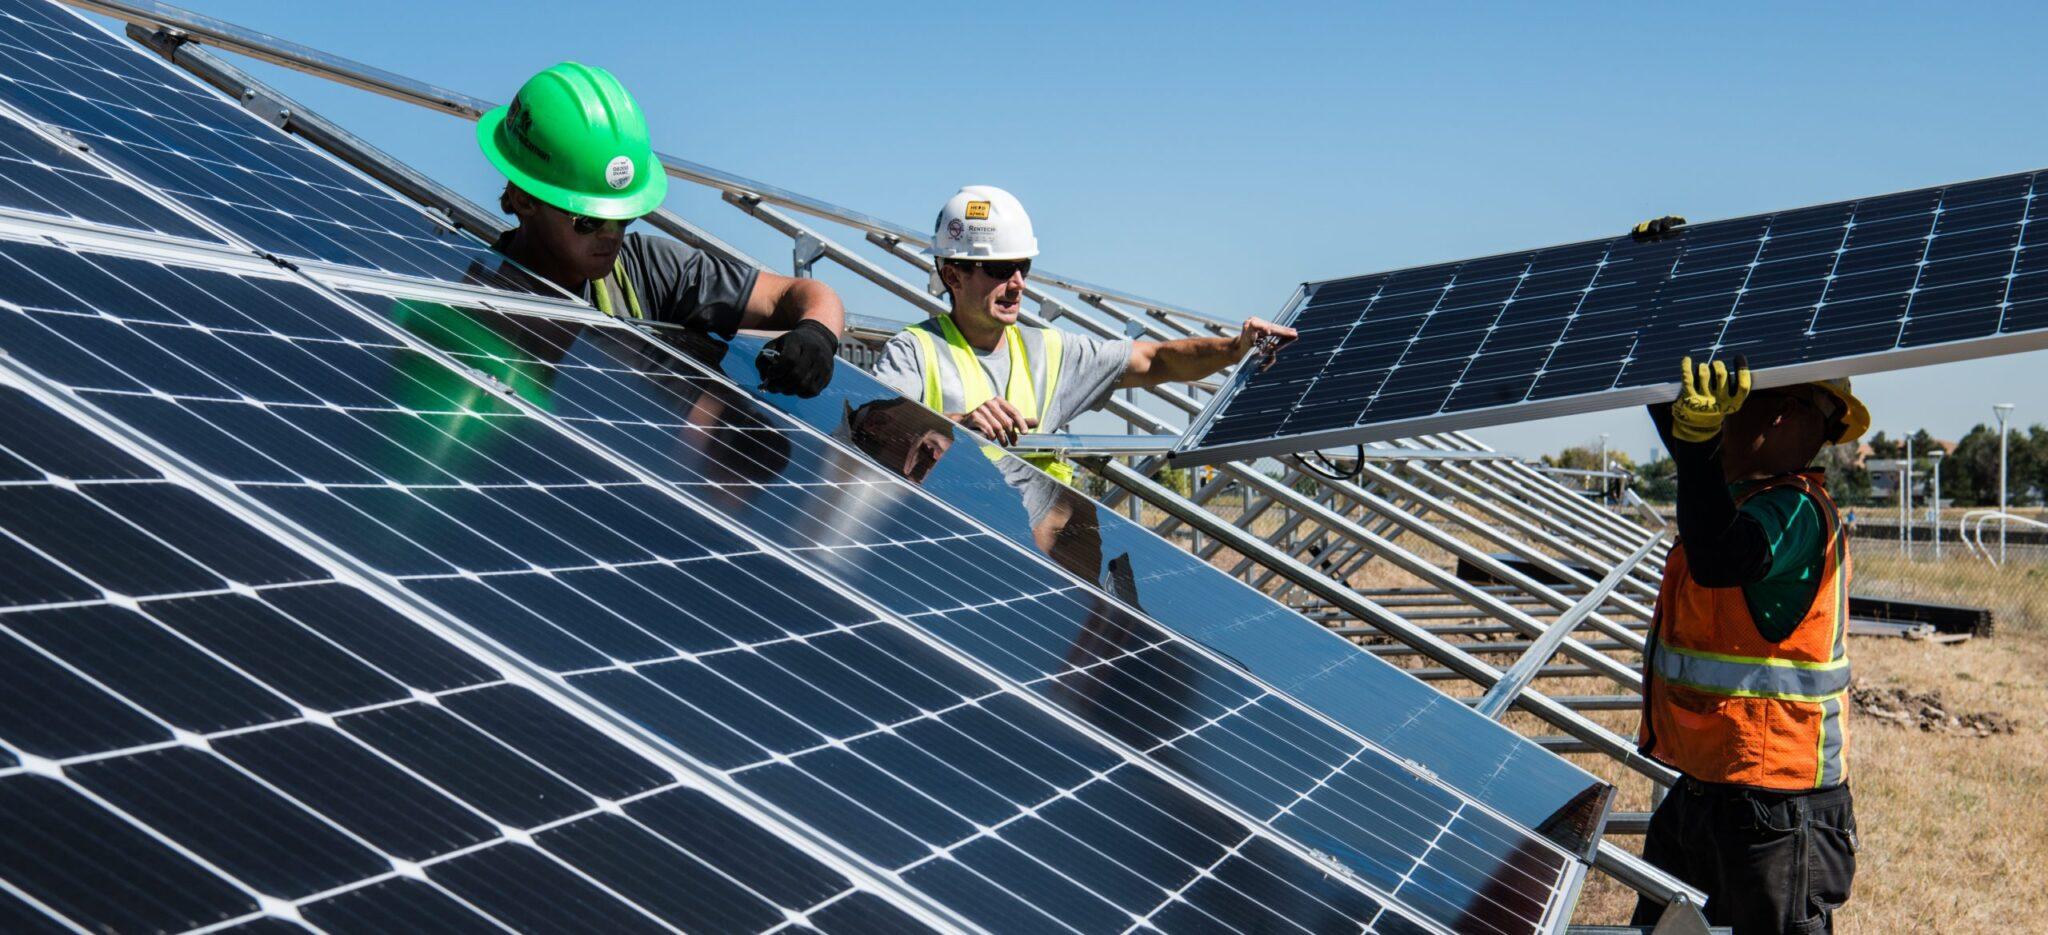 Growing Clean Energy Jobs Downstate